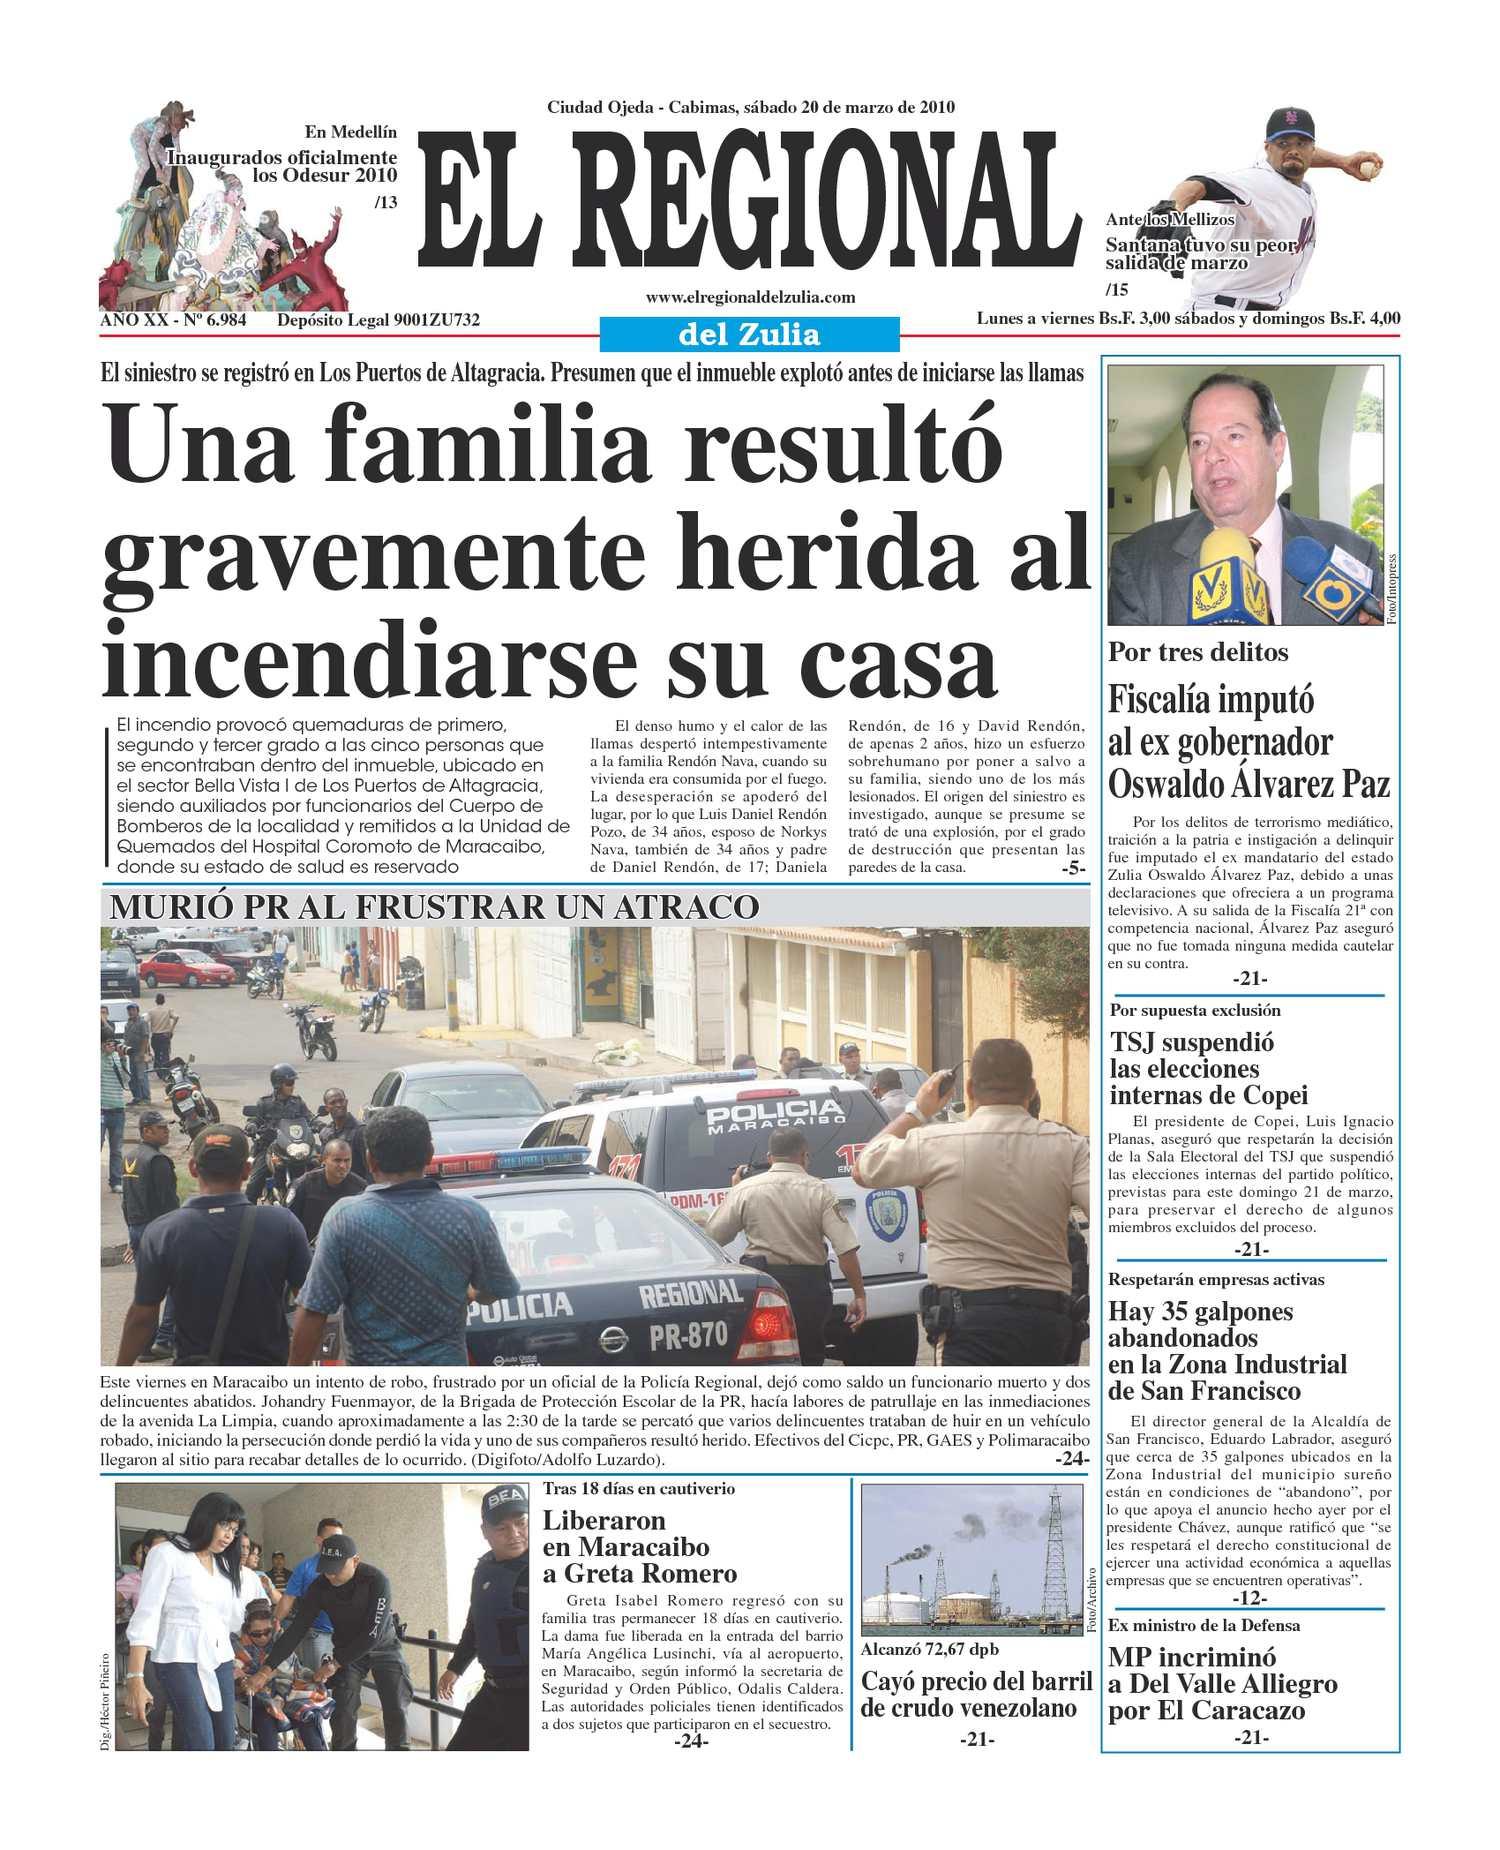 El Regional del Zulia 20-03-2010